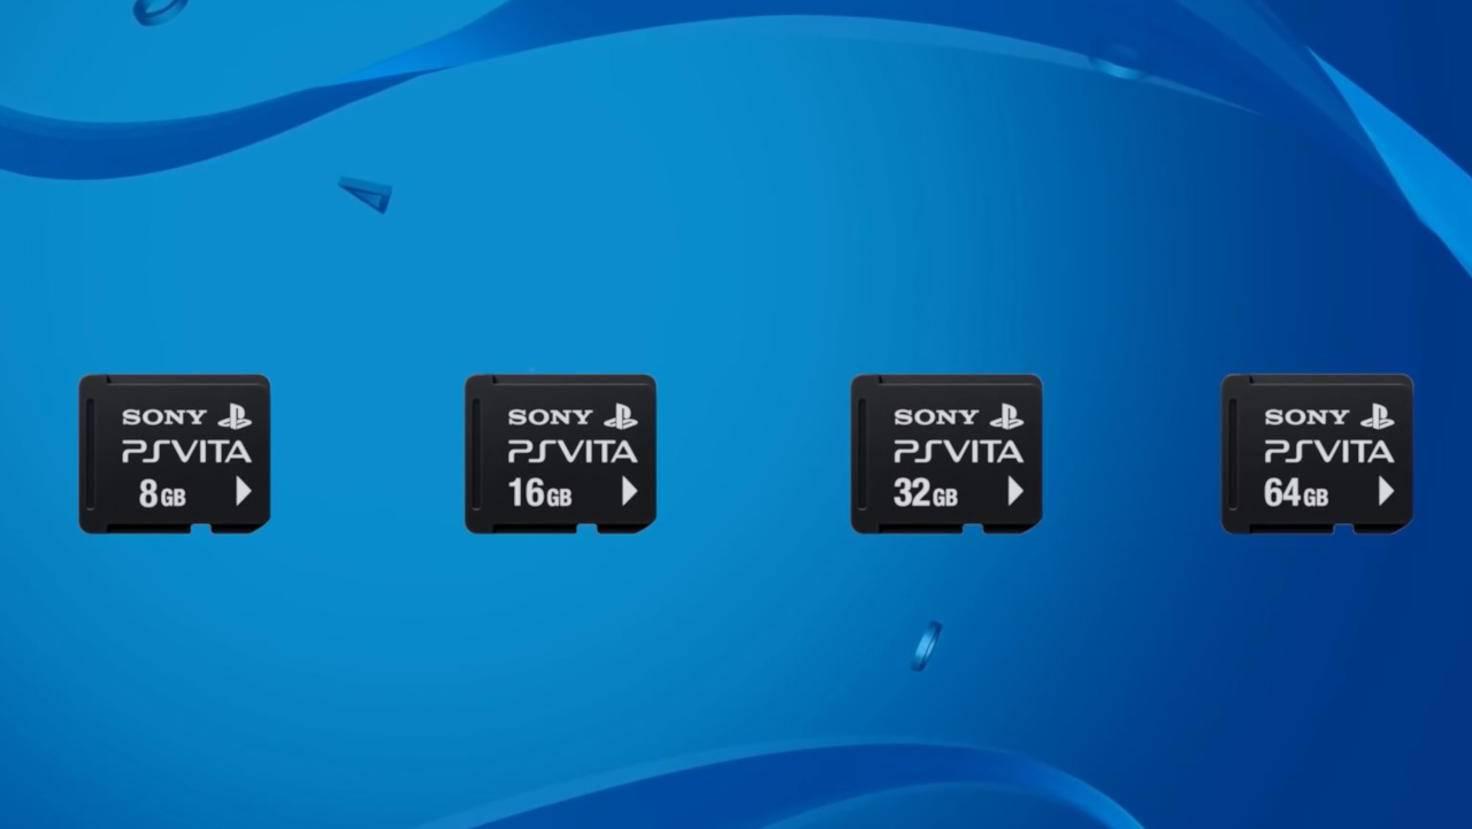 ps-vita-memory-card